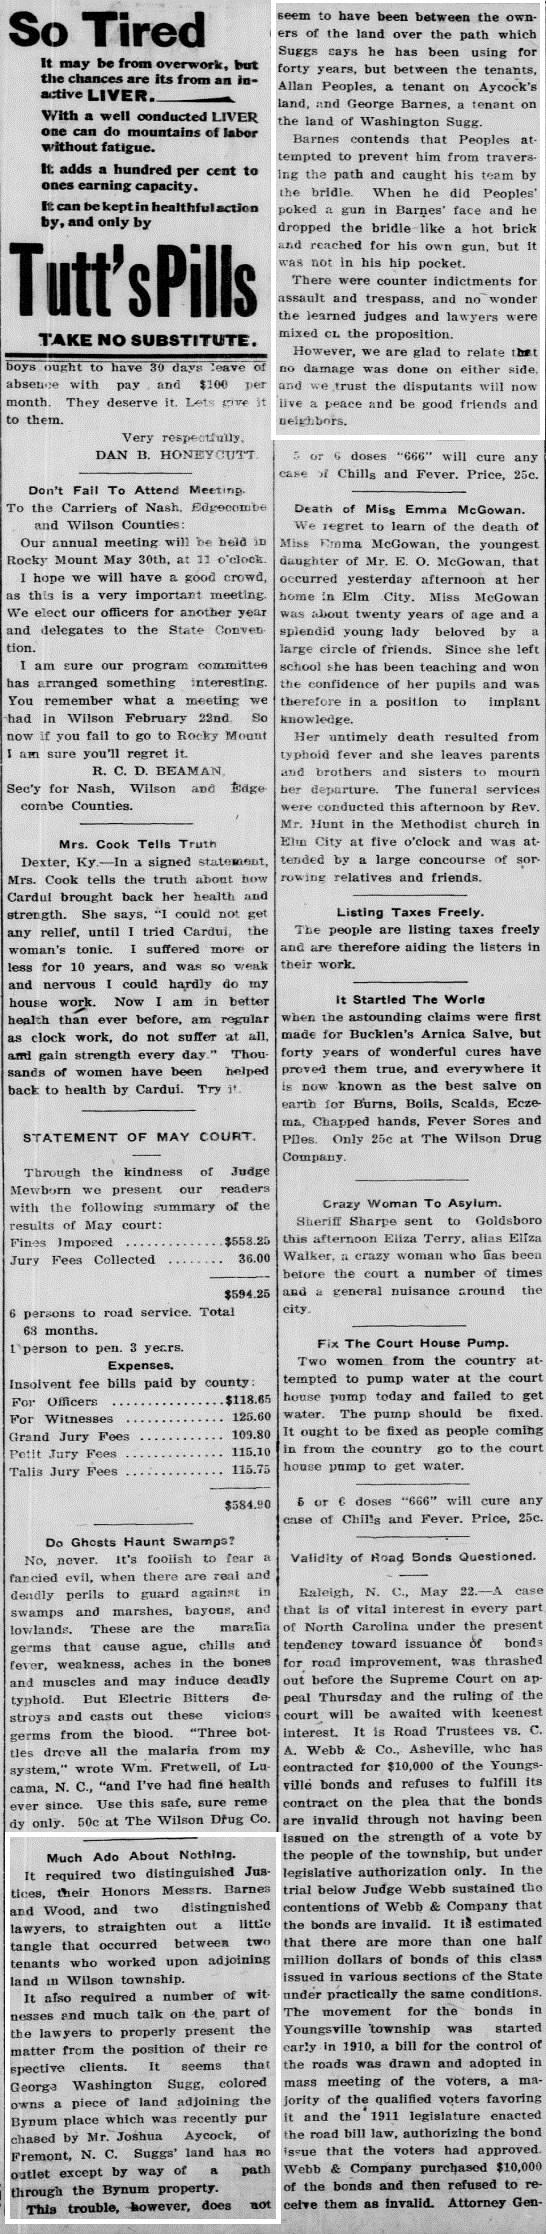 WDT 5 26 1911 Wash Suggs tenant dispute